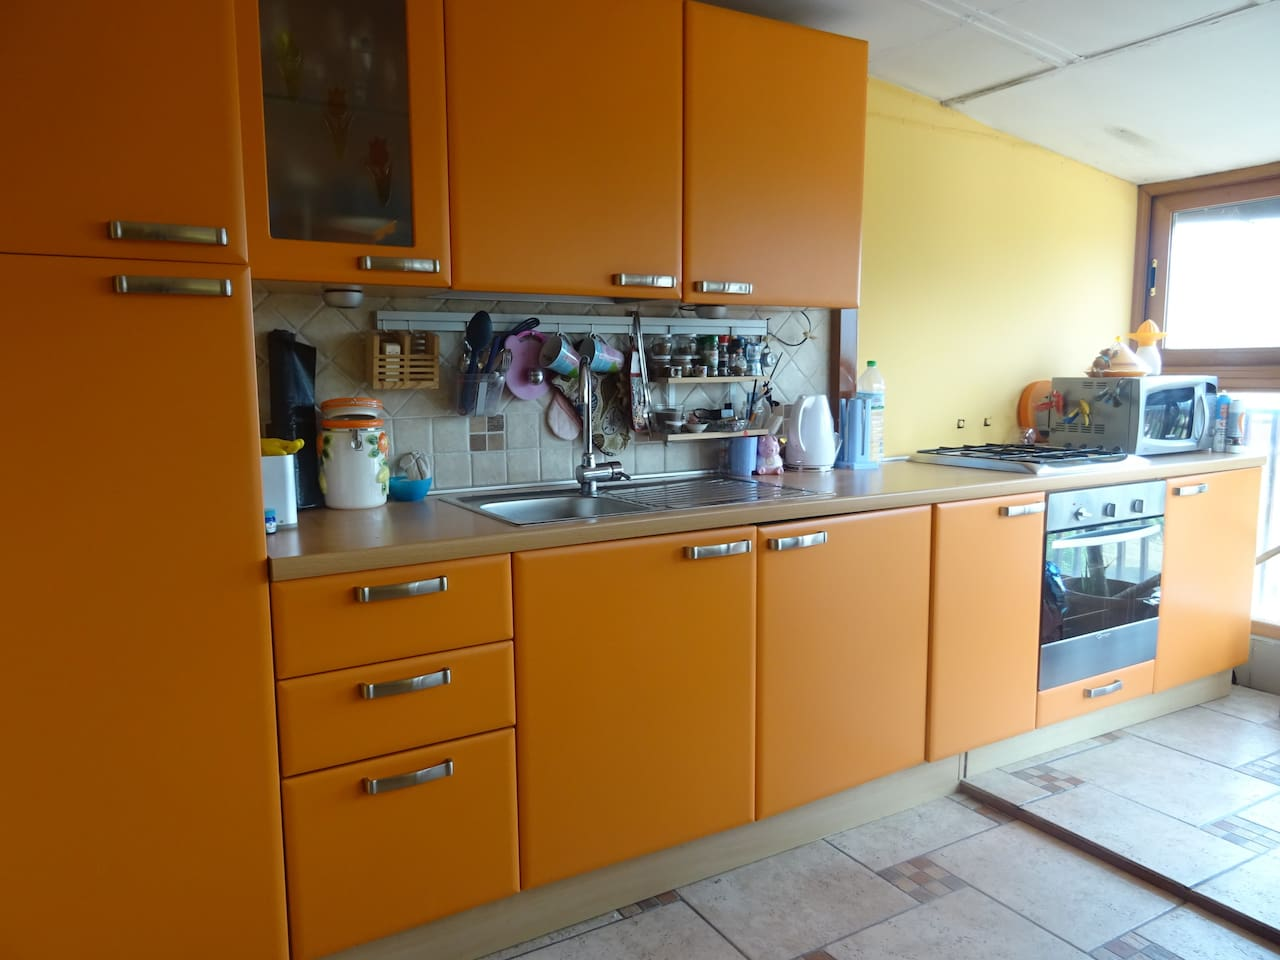 Super Attico soleggiato, comodo ed accogliente - Apartments for ...